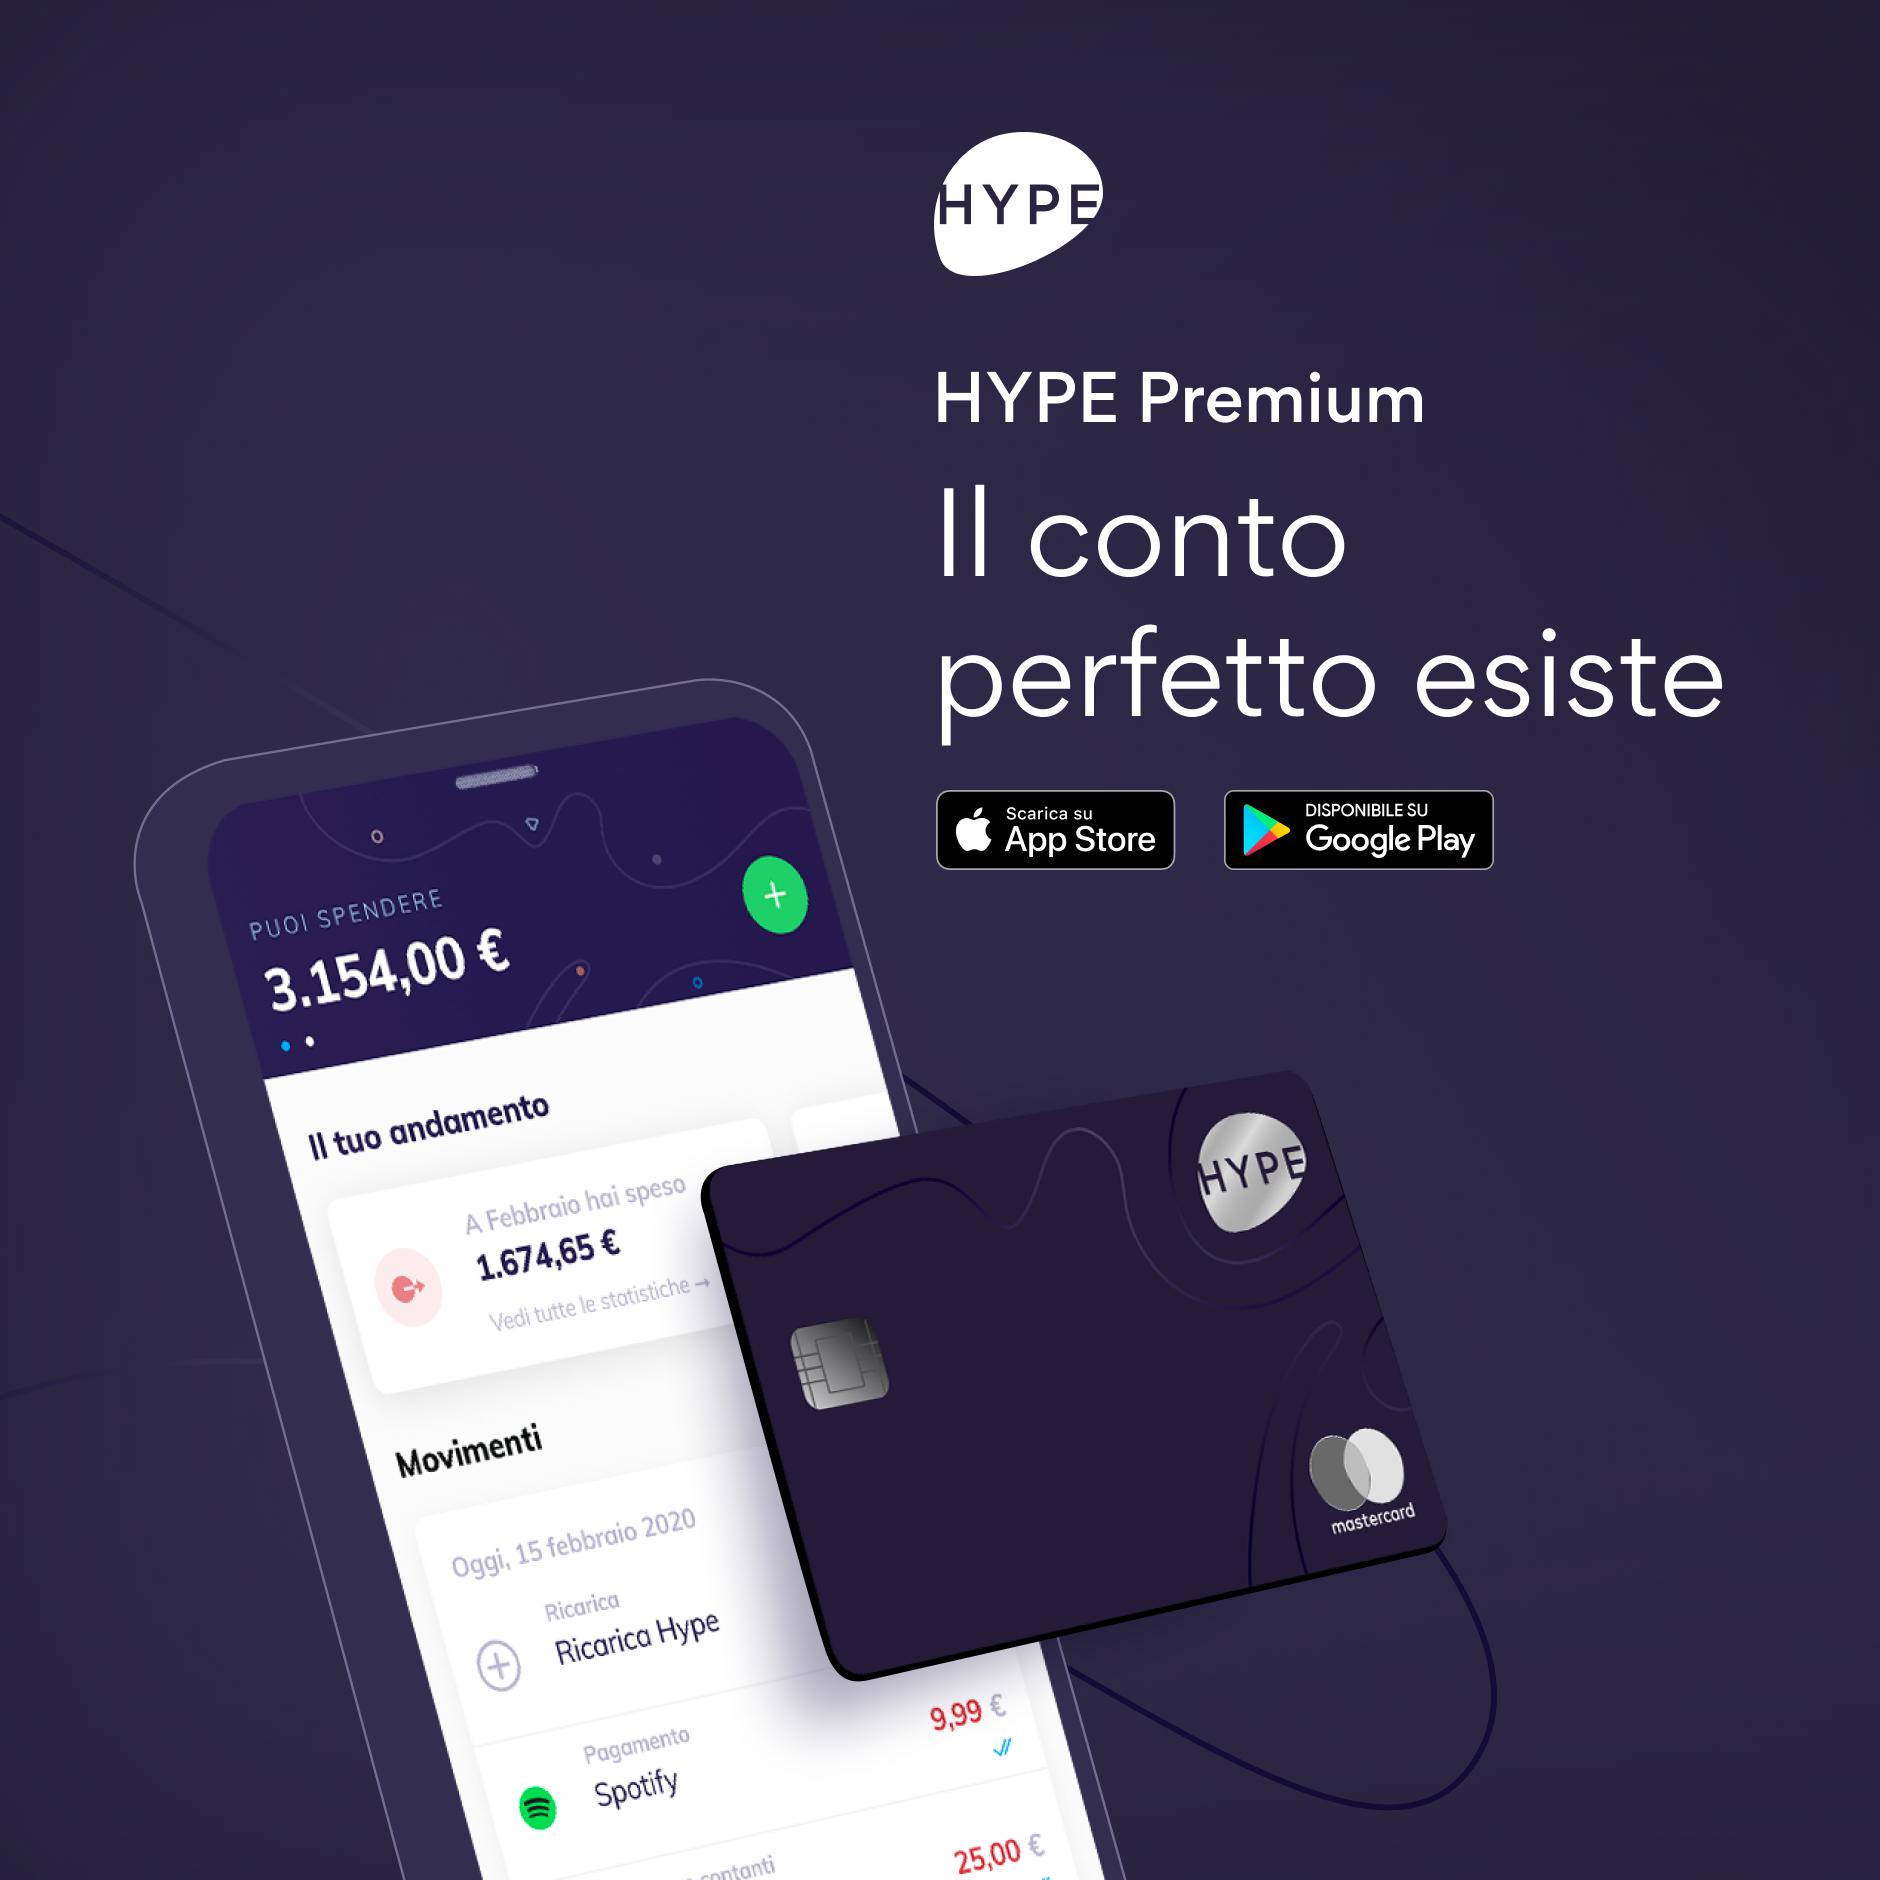 tb Hype Premium carta e conto: opinioni e costo